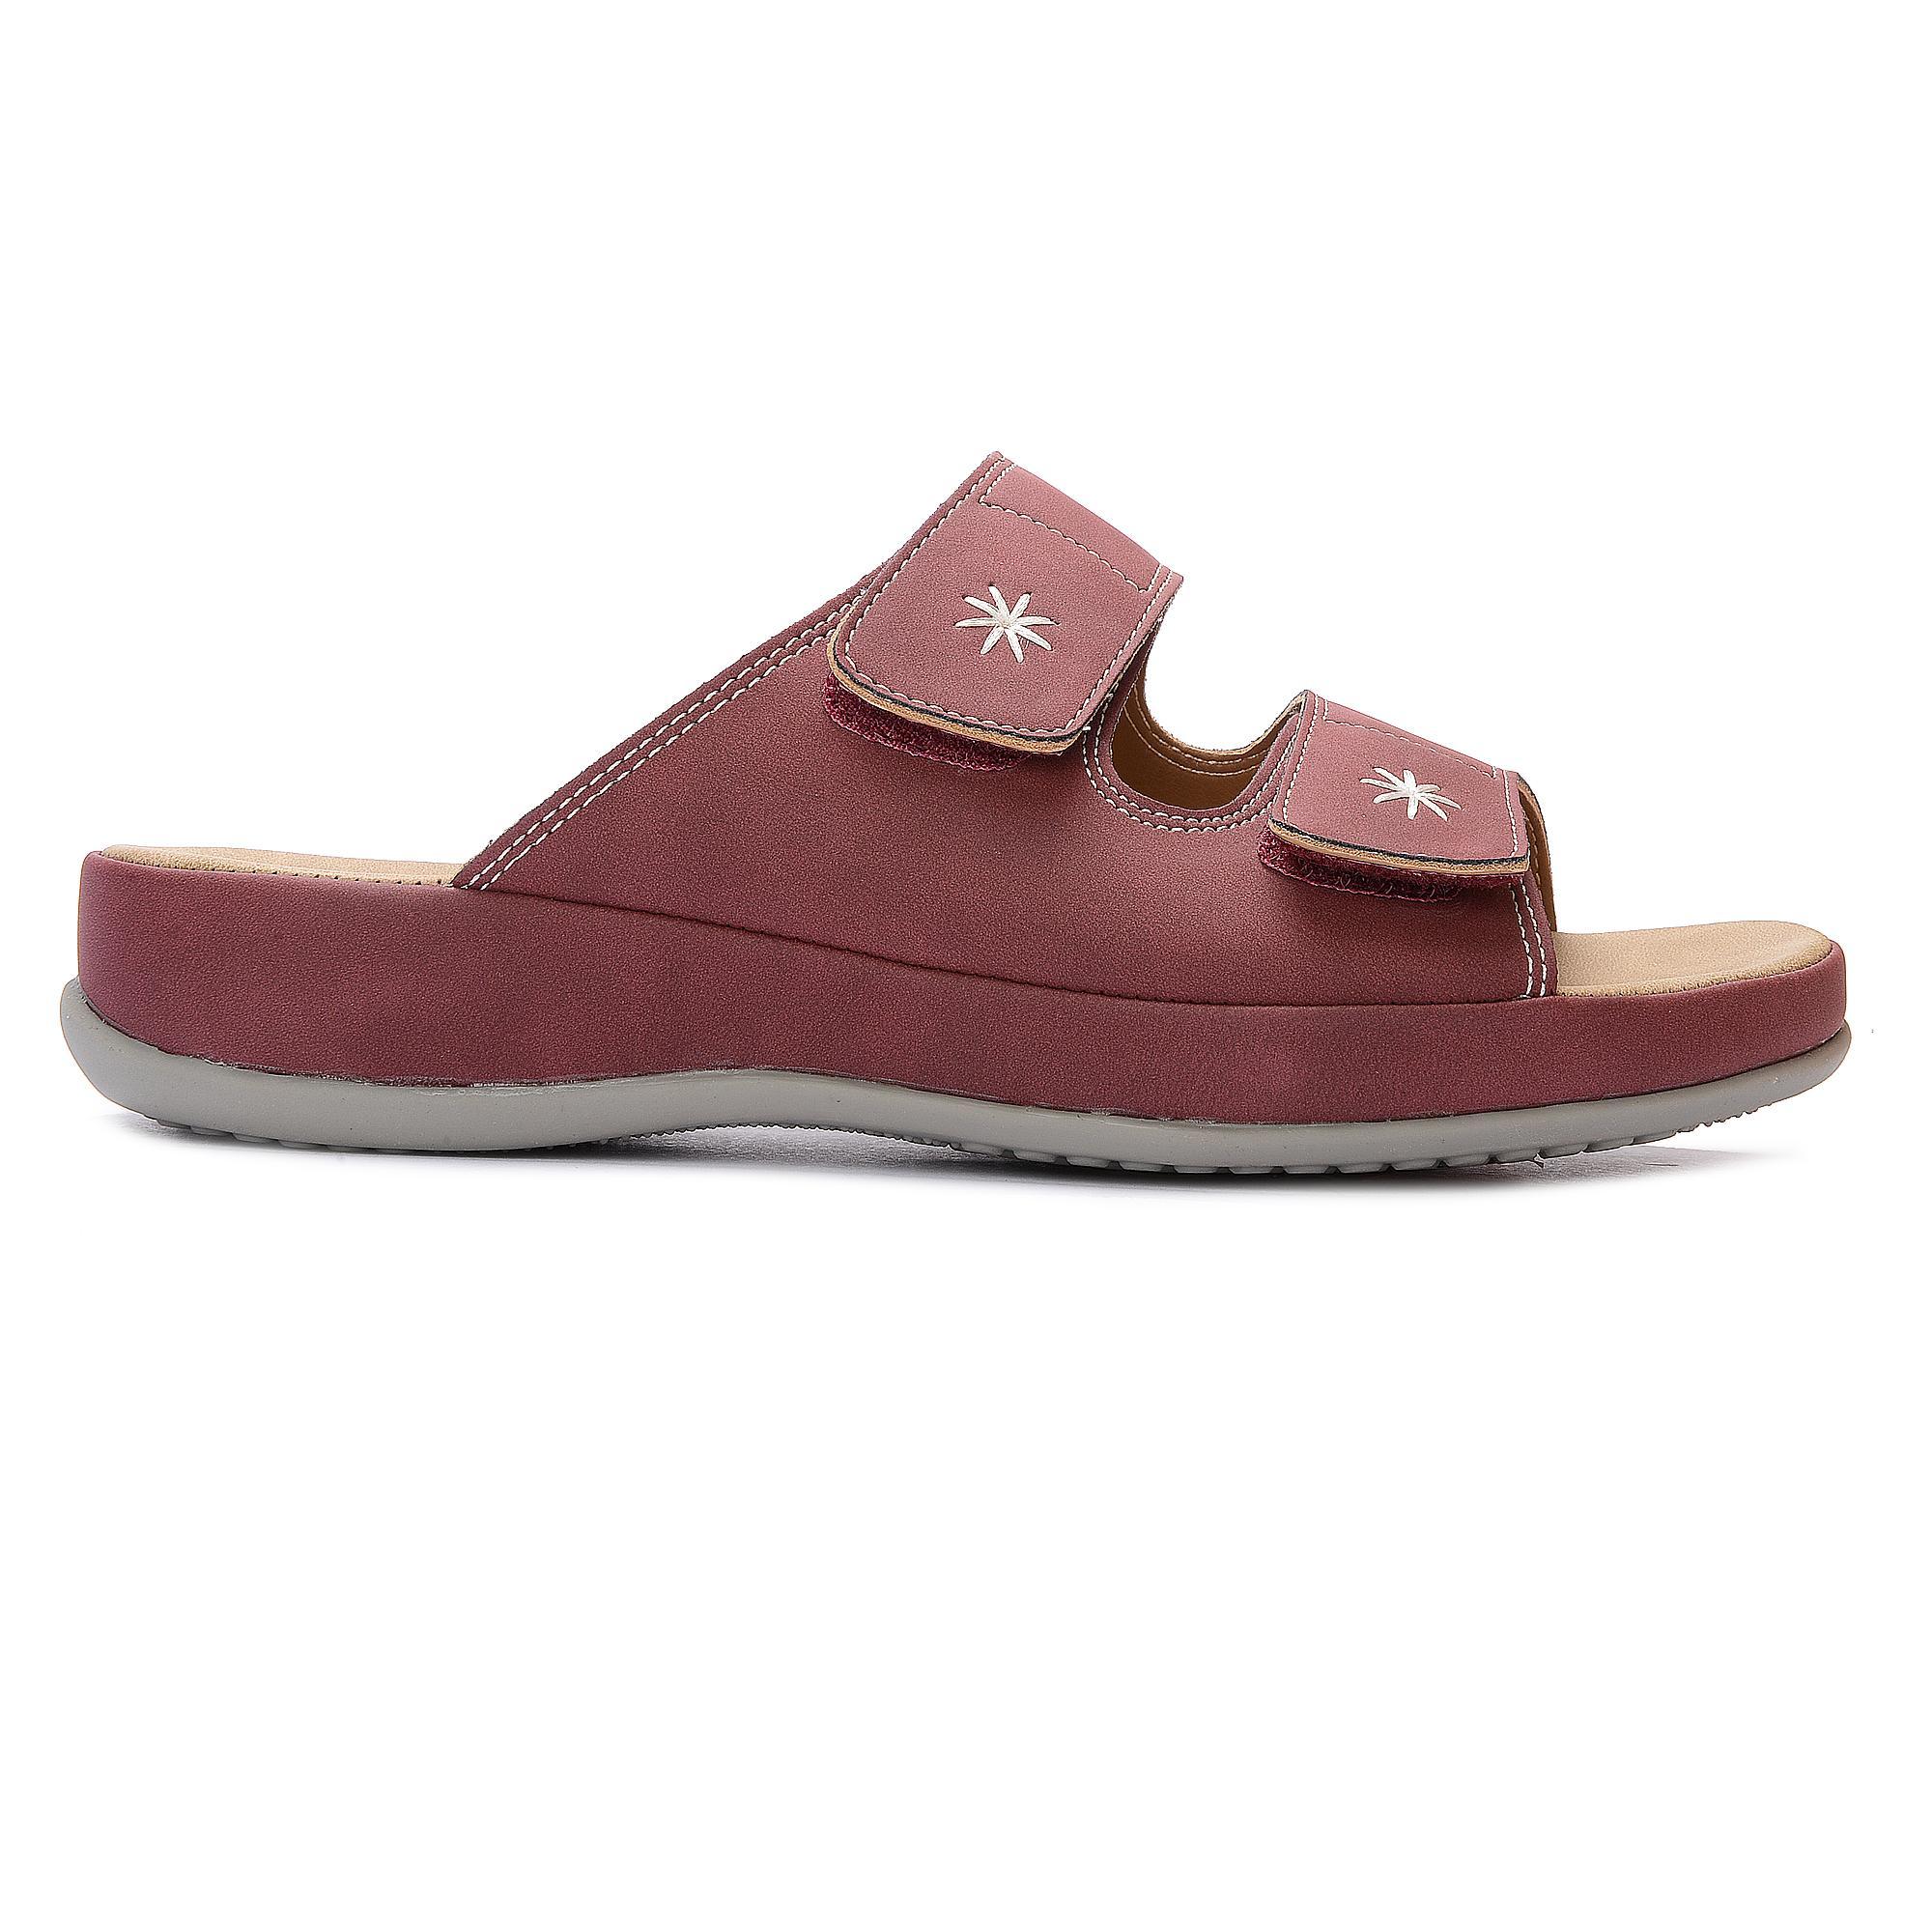 Bata Comfit Ladies Sandals 6710121.